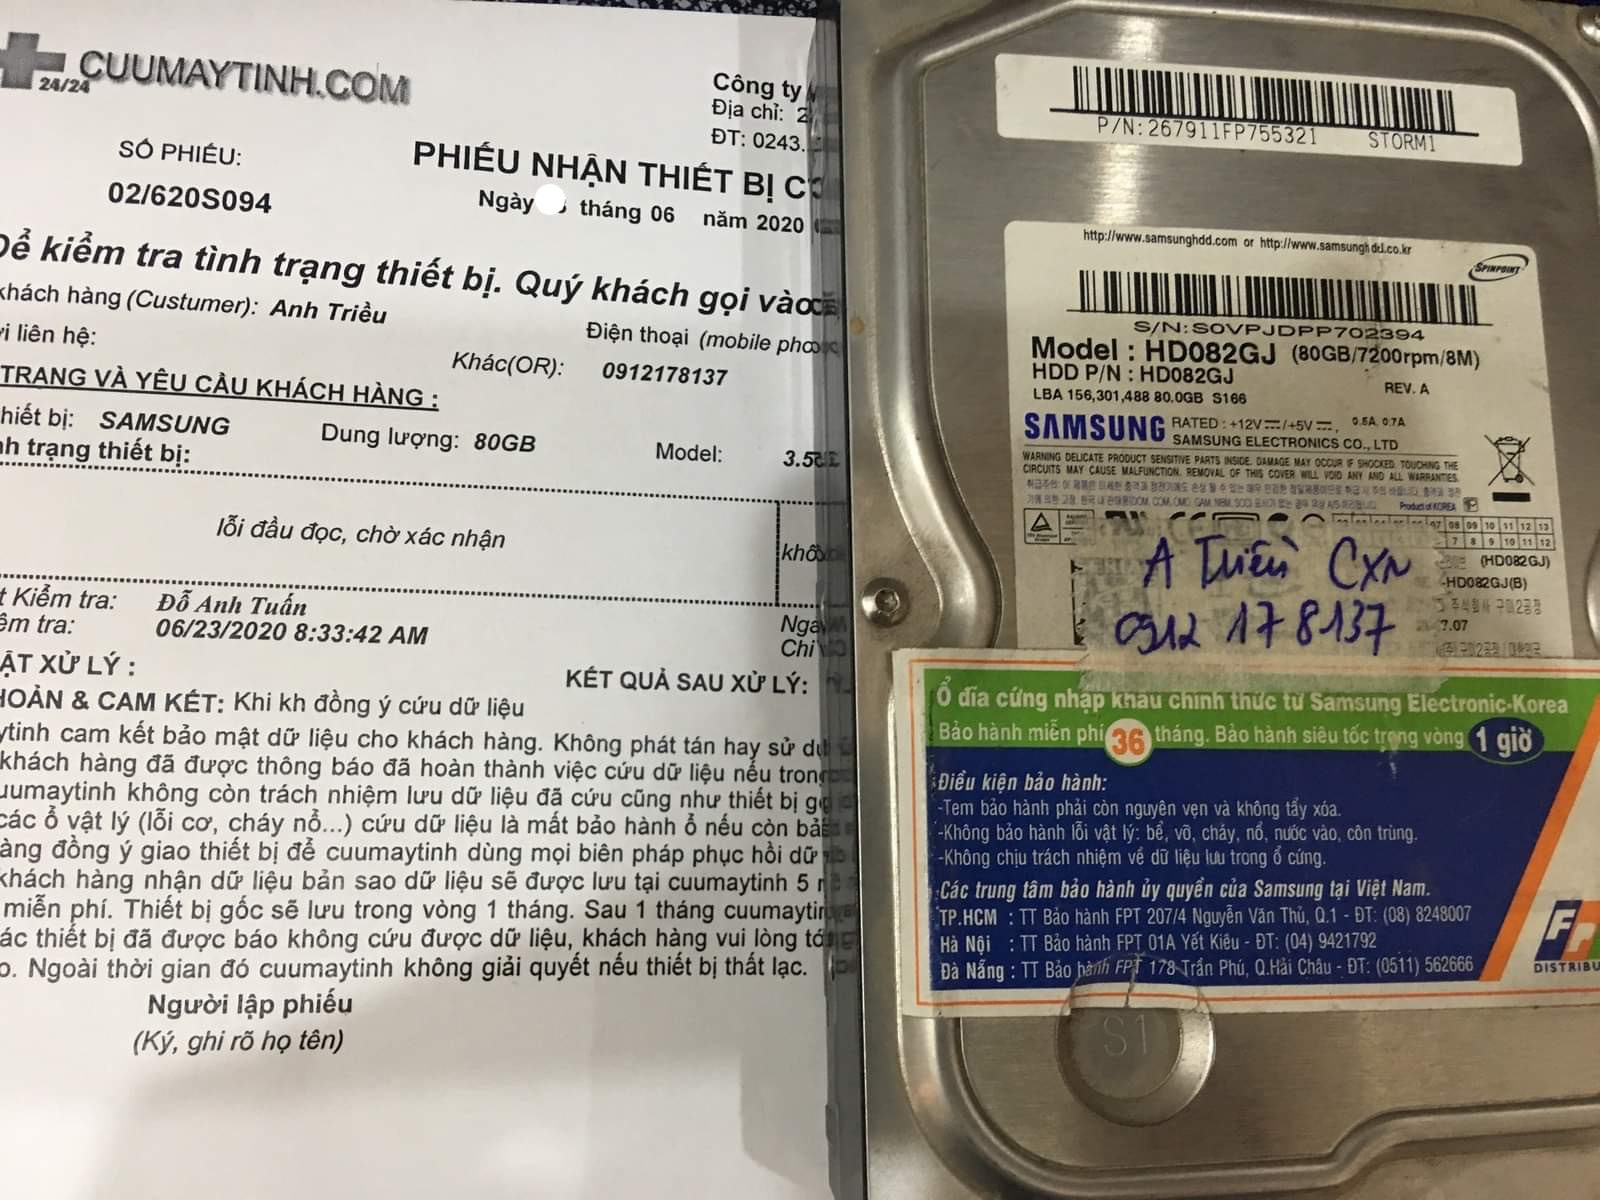 Cứu dữ liệu ổ cứng Samsung 80GB lỗi đầu đọc 25/06/2020 - cuumaytinh